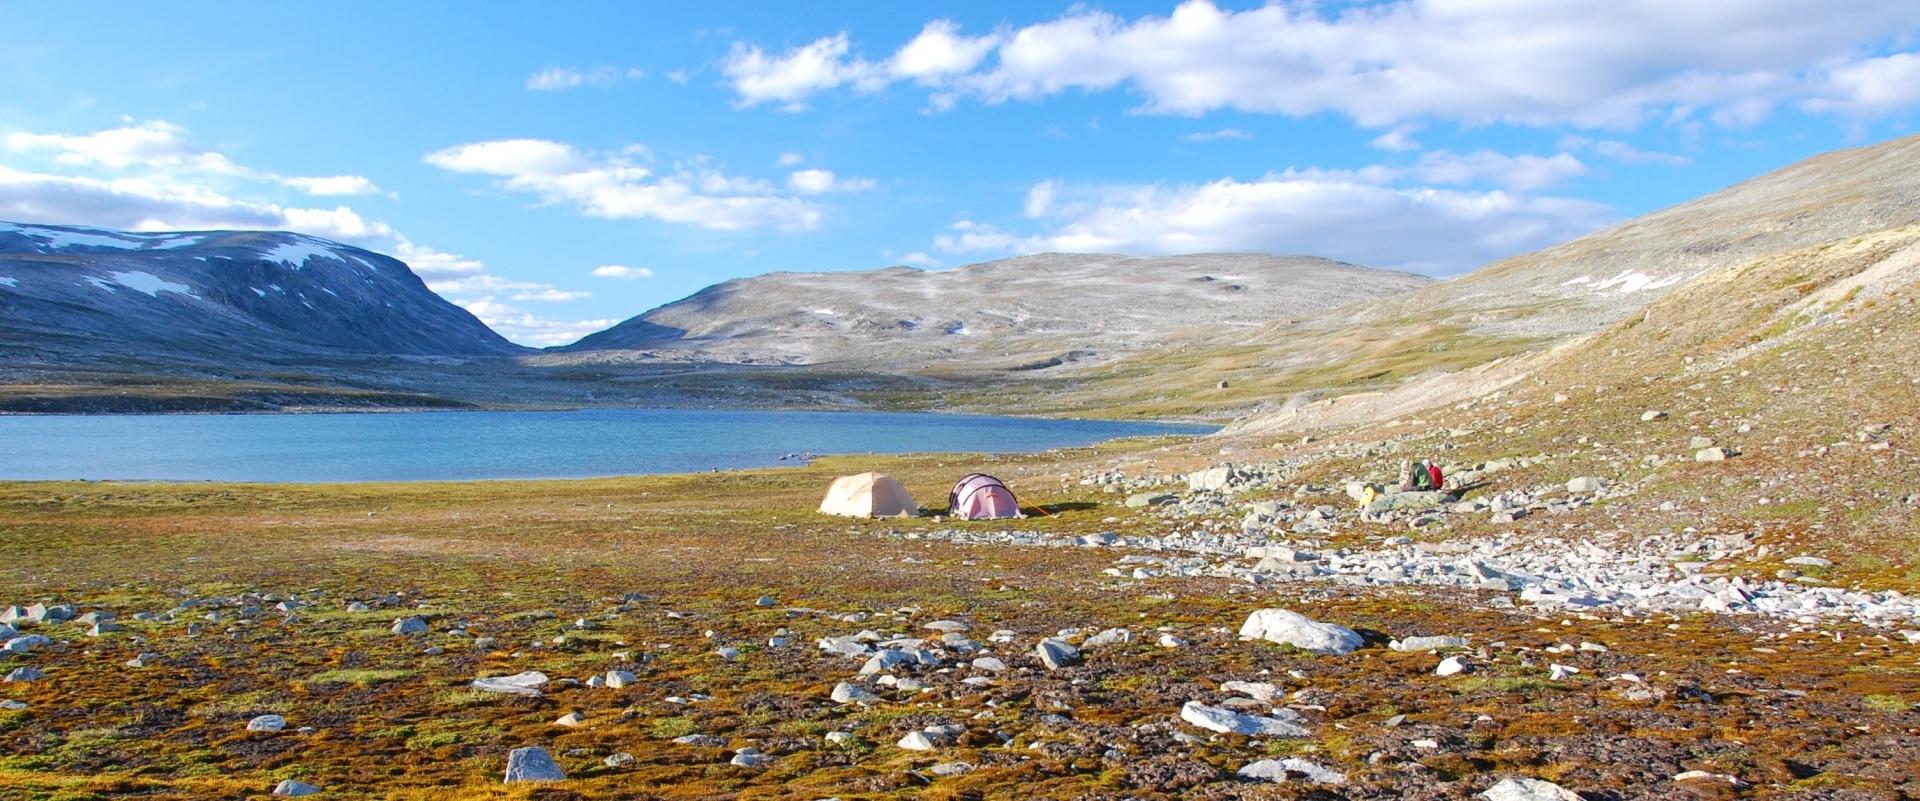 Abenteuer_Reise_VaeSoe_Schweden_Norwegen14.jpg